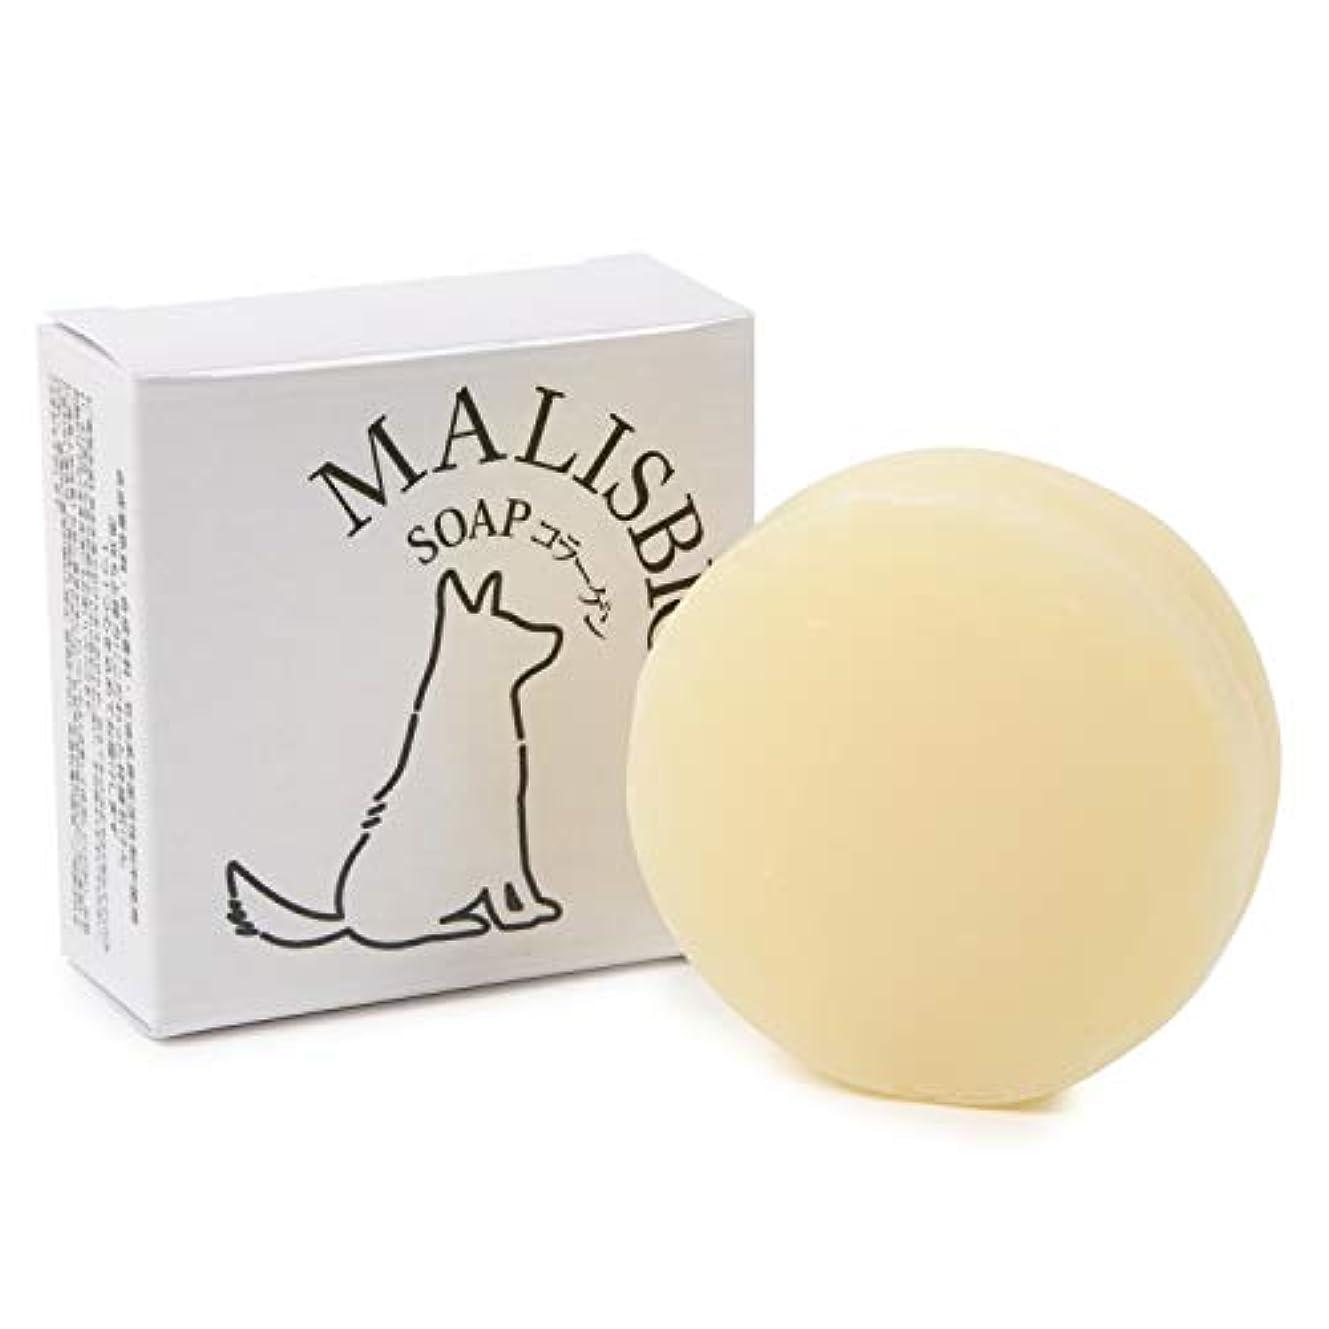 コラーゲンソープ 洗顔石鹸 固形 無添加 お肌に優しい成分のみ 敏感肌 毛穴にも 日本製 マリスビオ